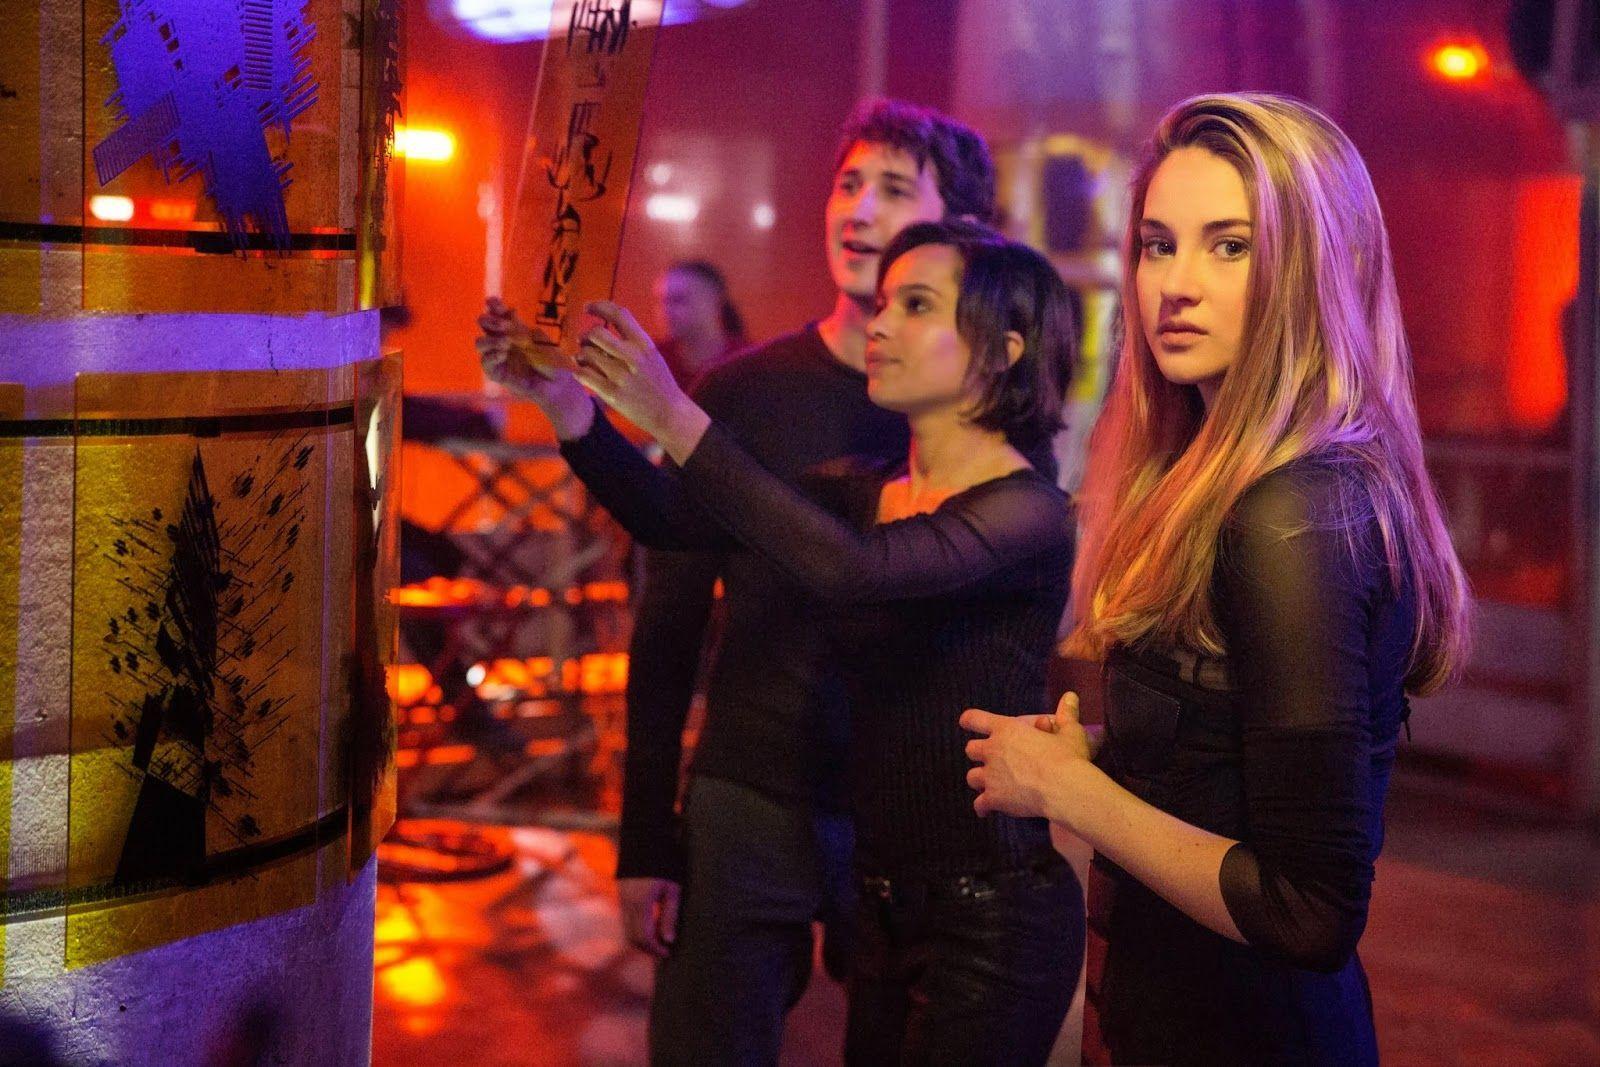 ¿Cómo se entera Christina de que Tris Prior mató a su pareja Will?